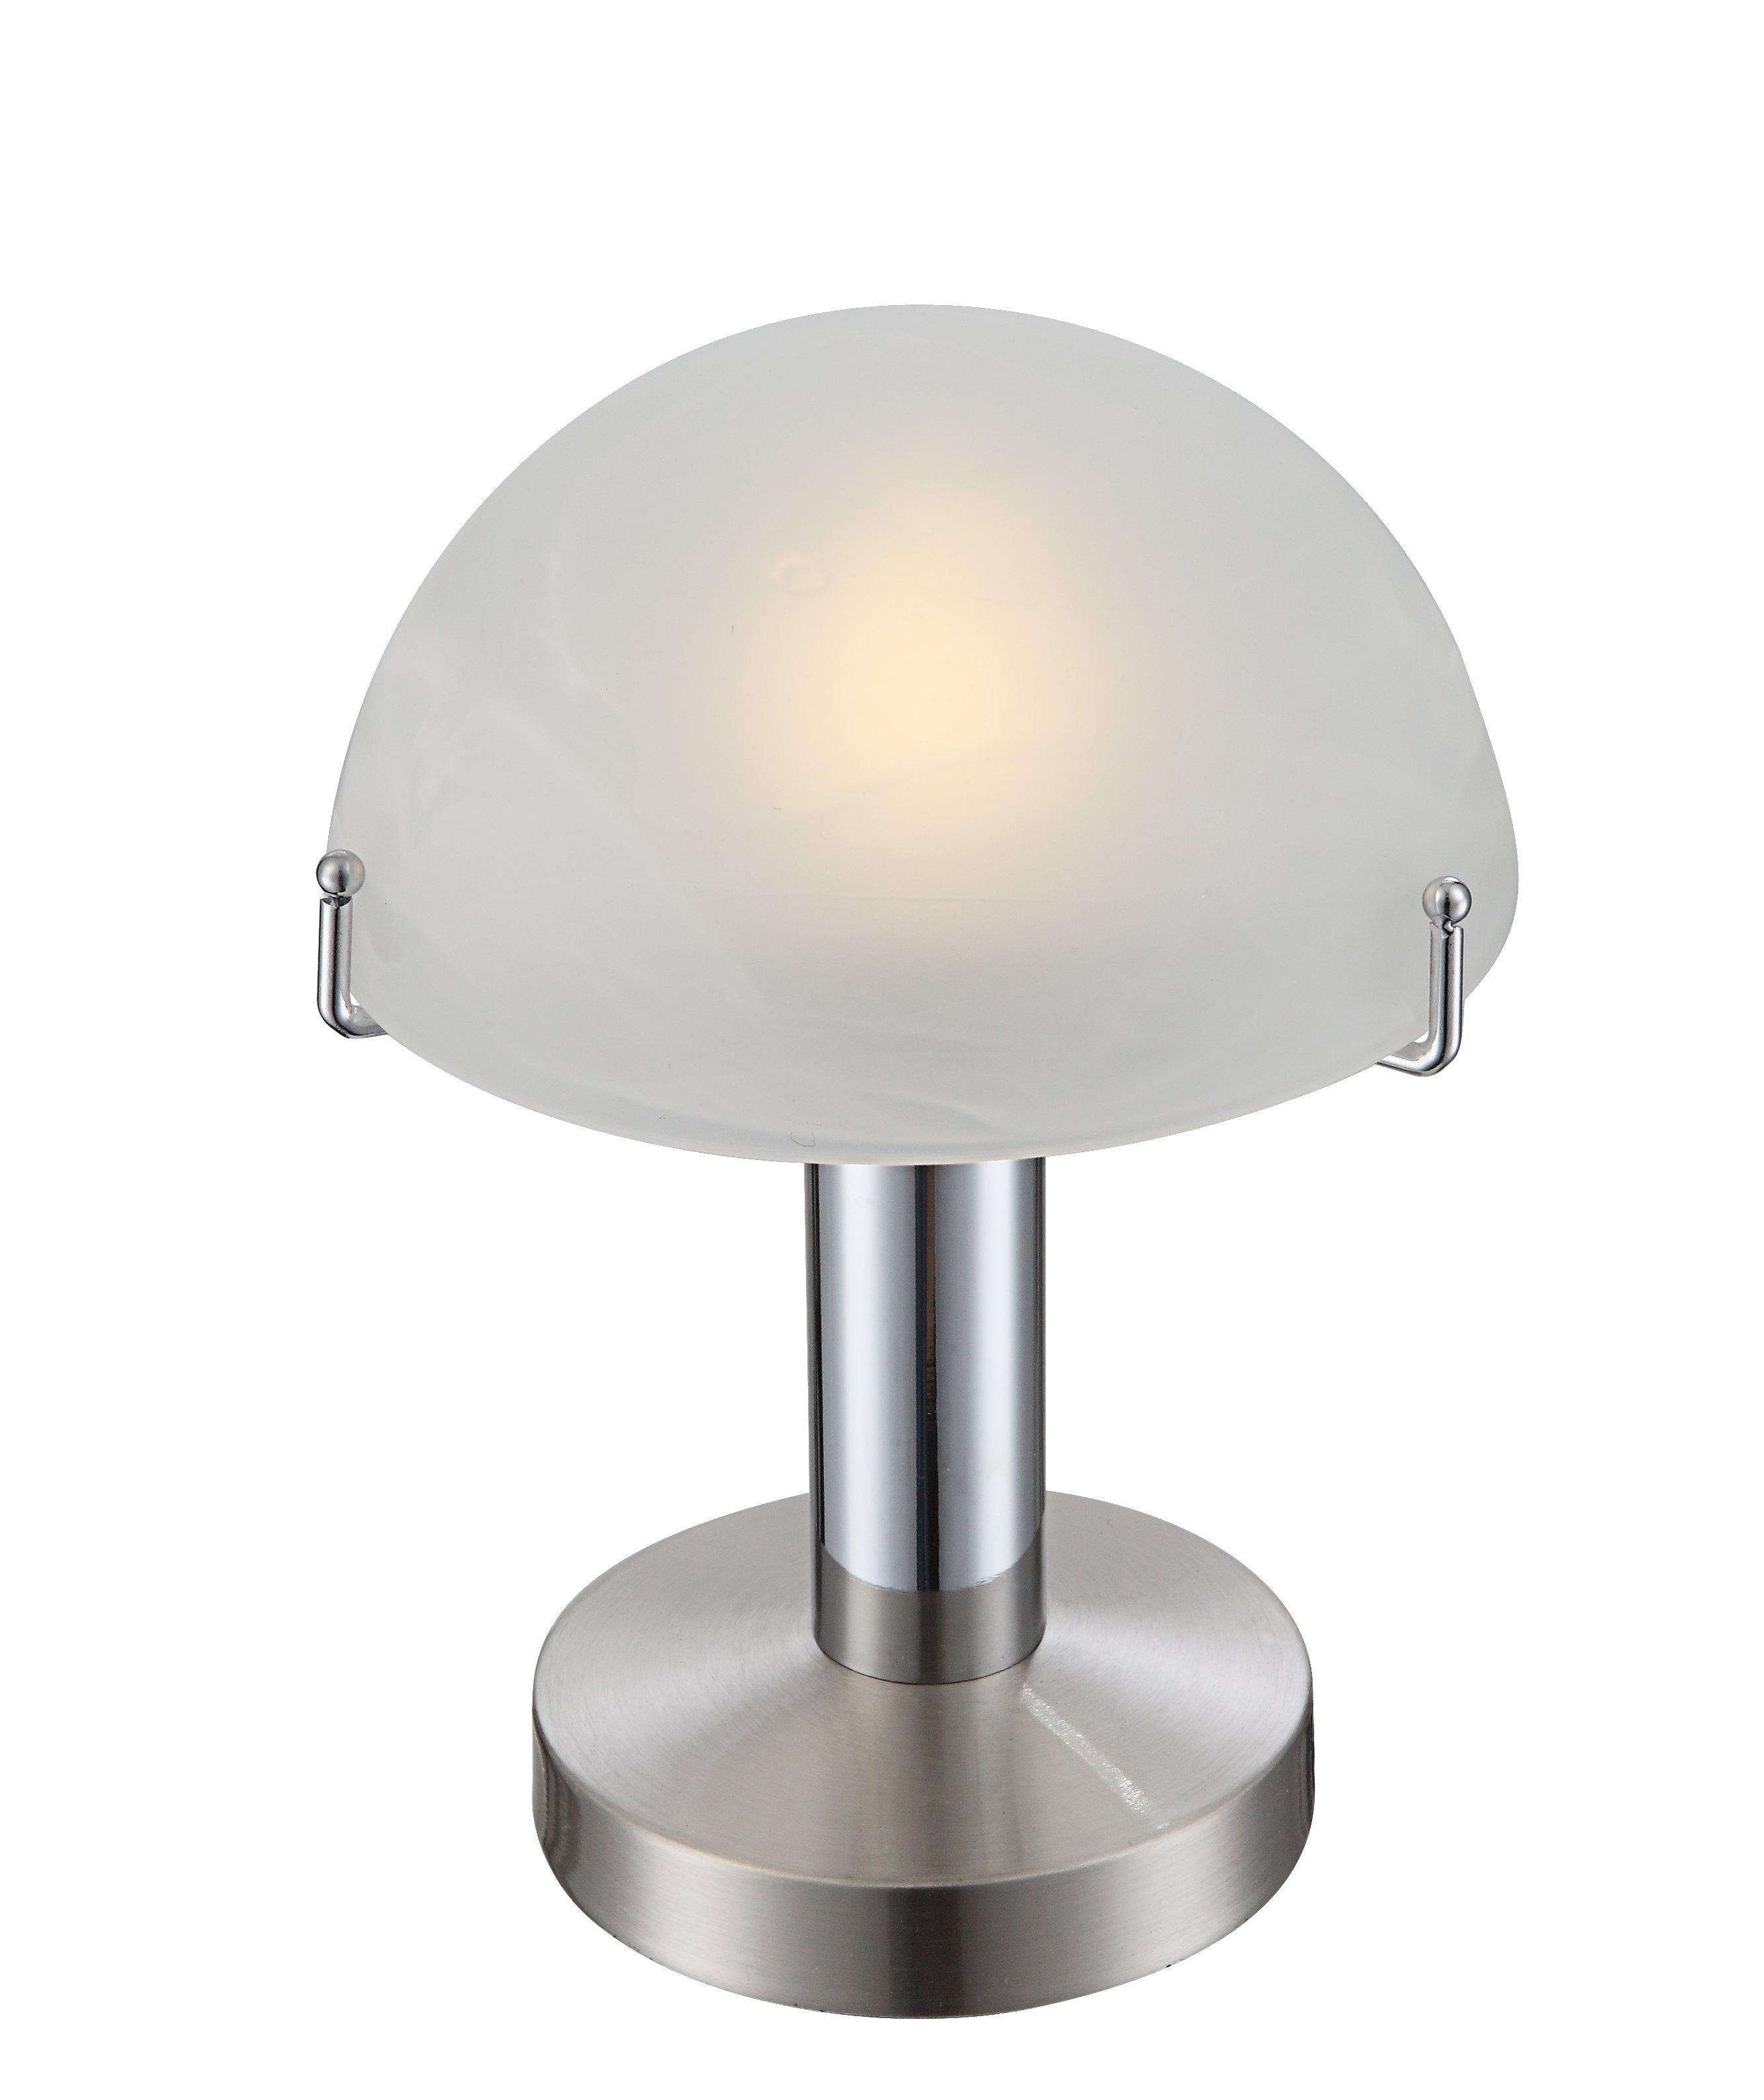 LED-Tischl 1flg. H22,5 D15_Met,